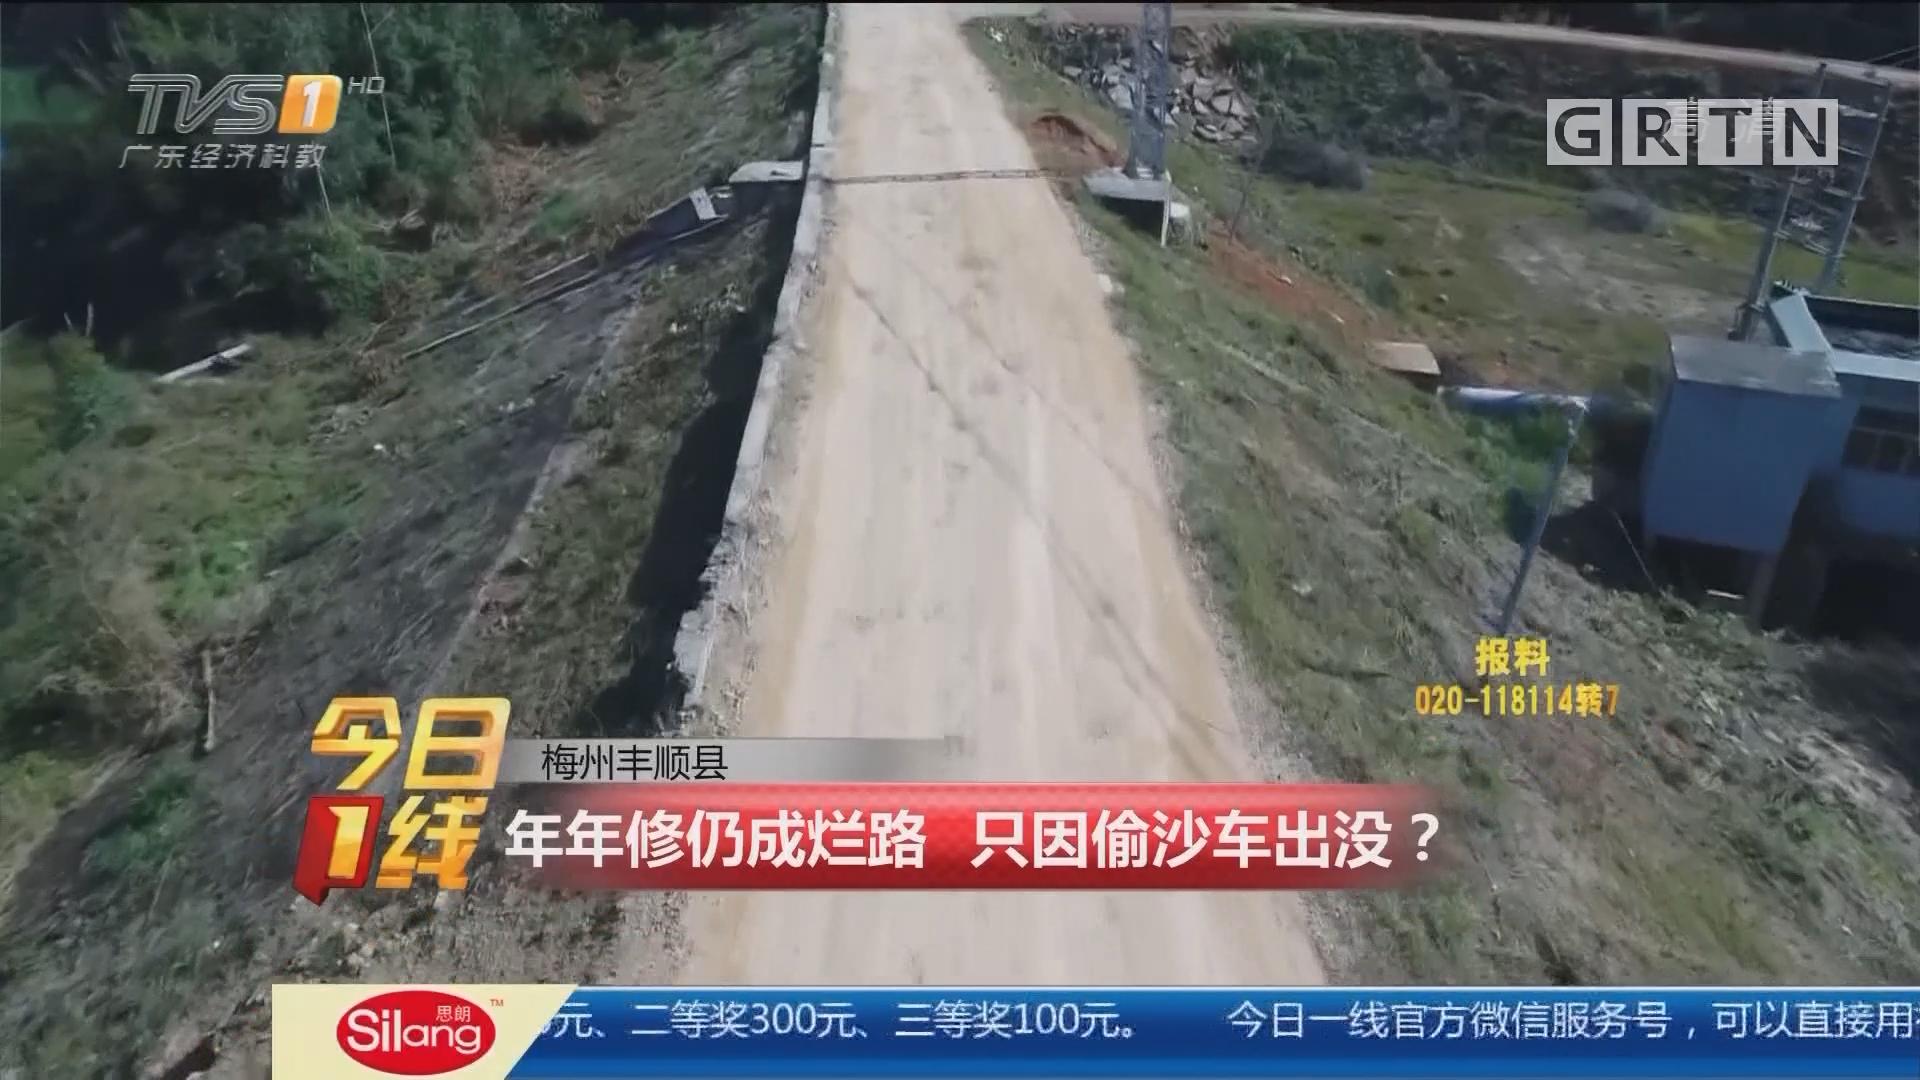 梅州丰顺县:年年修仍成烂路 只因偷沙车出没?